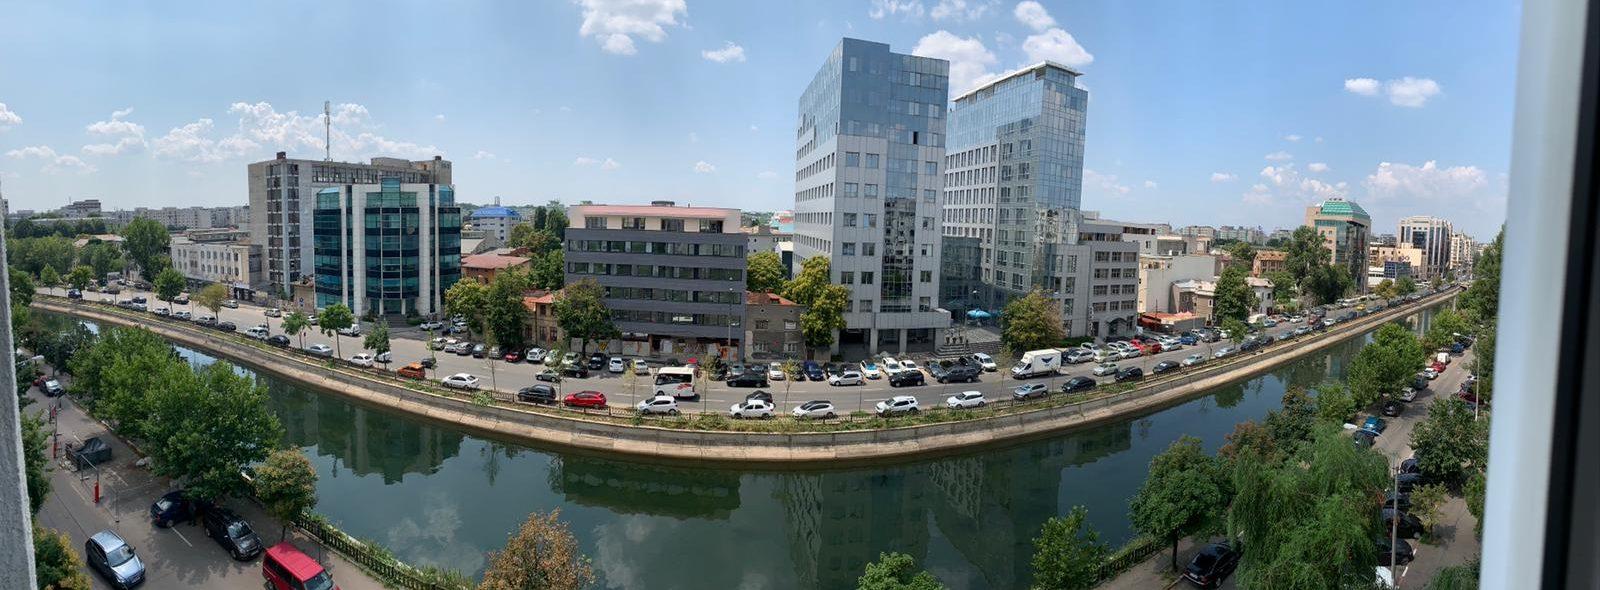 Vanzare Apartament 2 camere Bucuresti, Nerva Traian poza principala